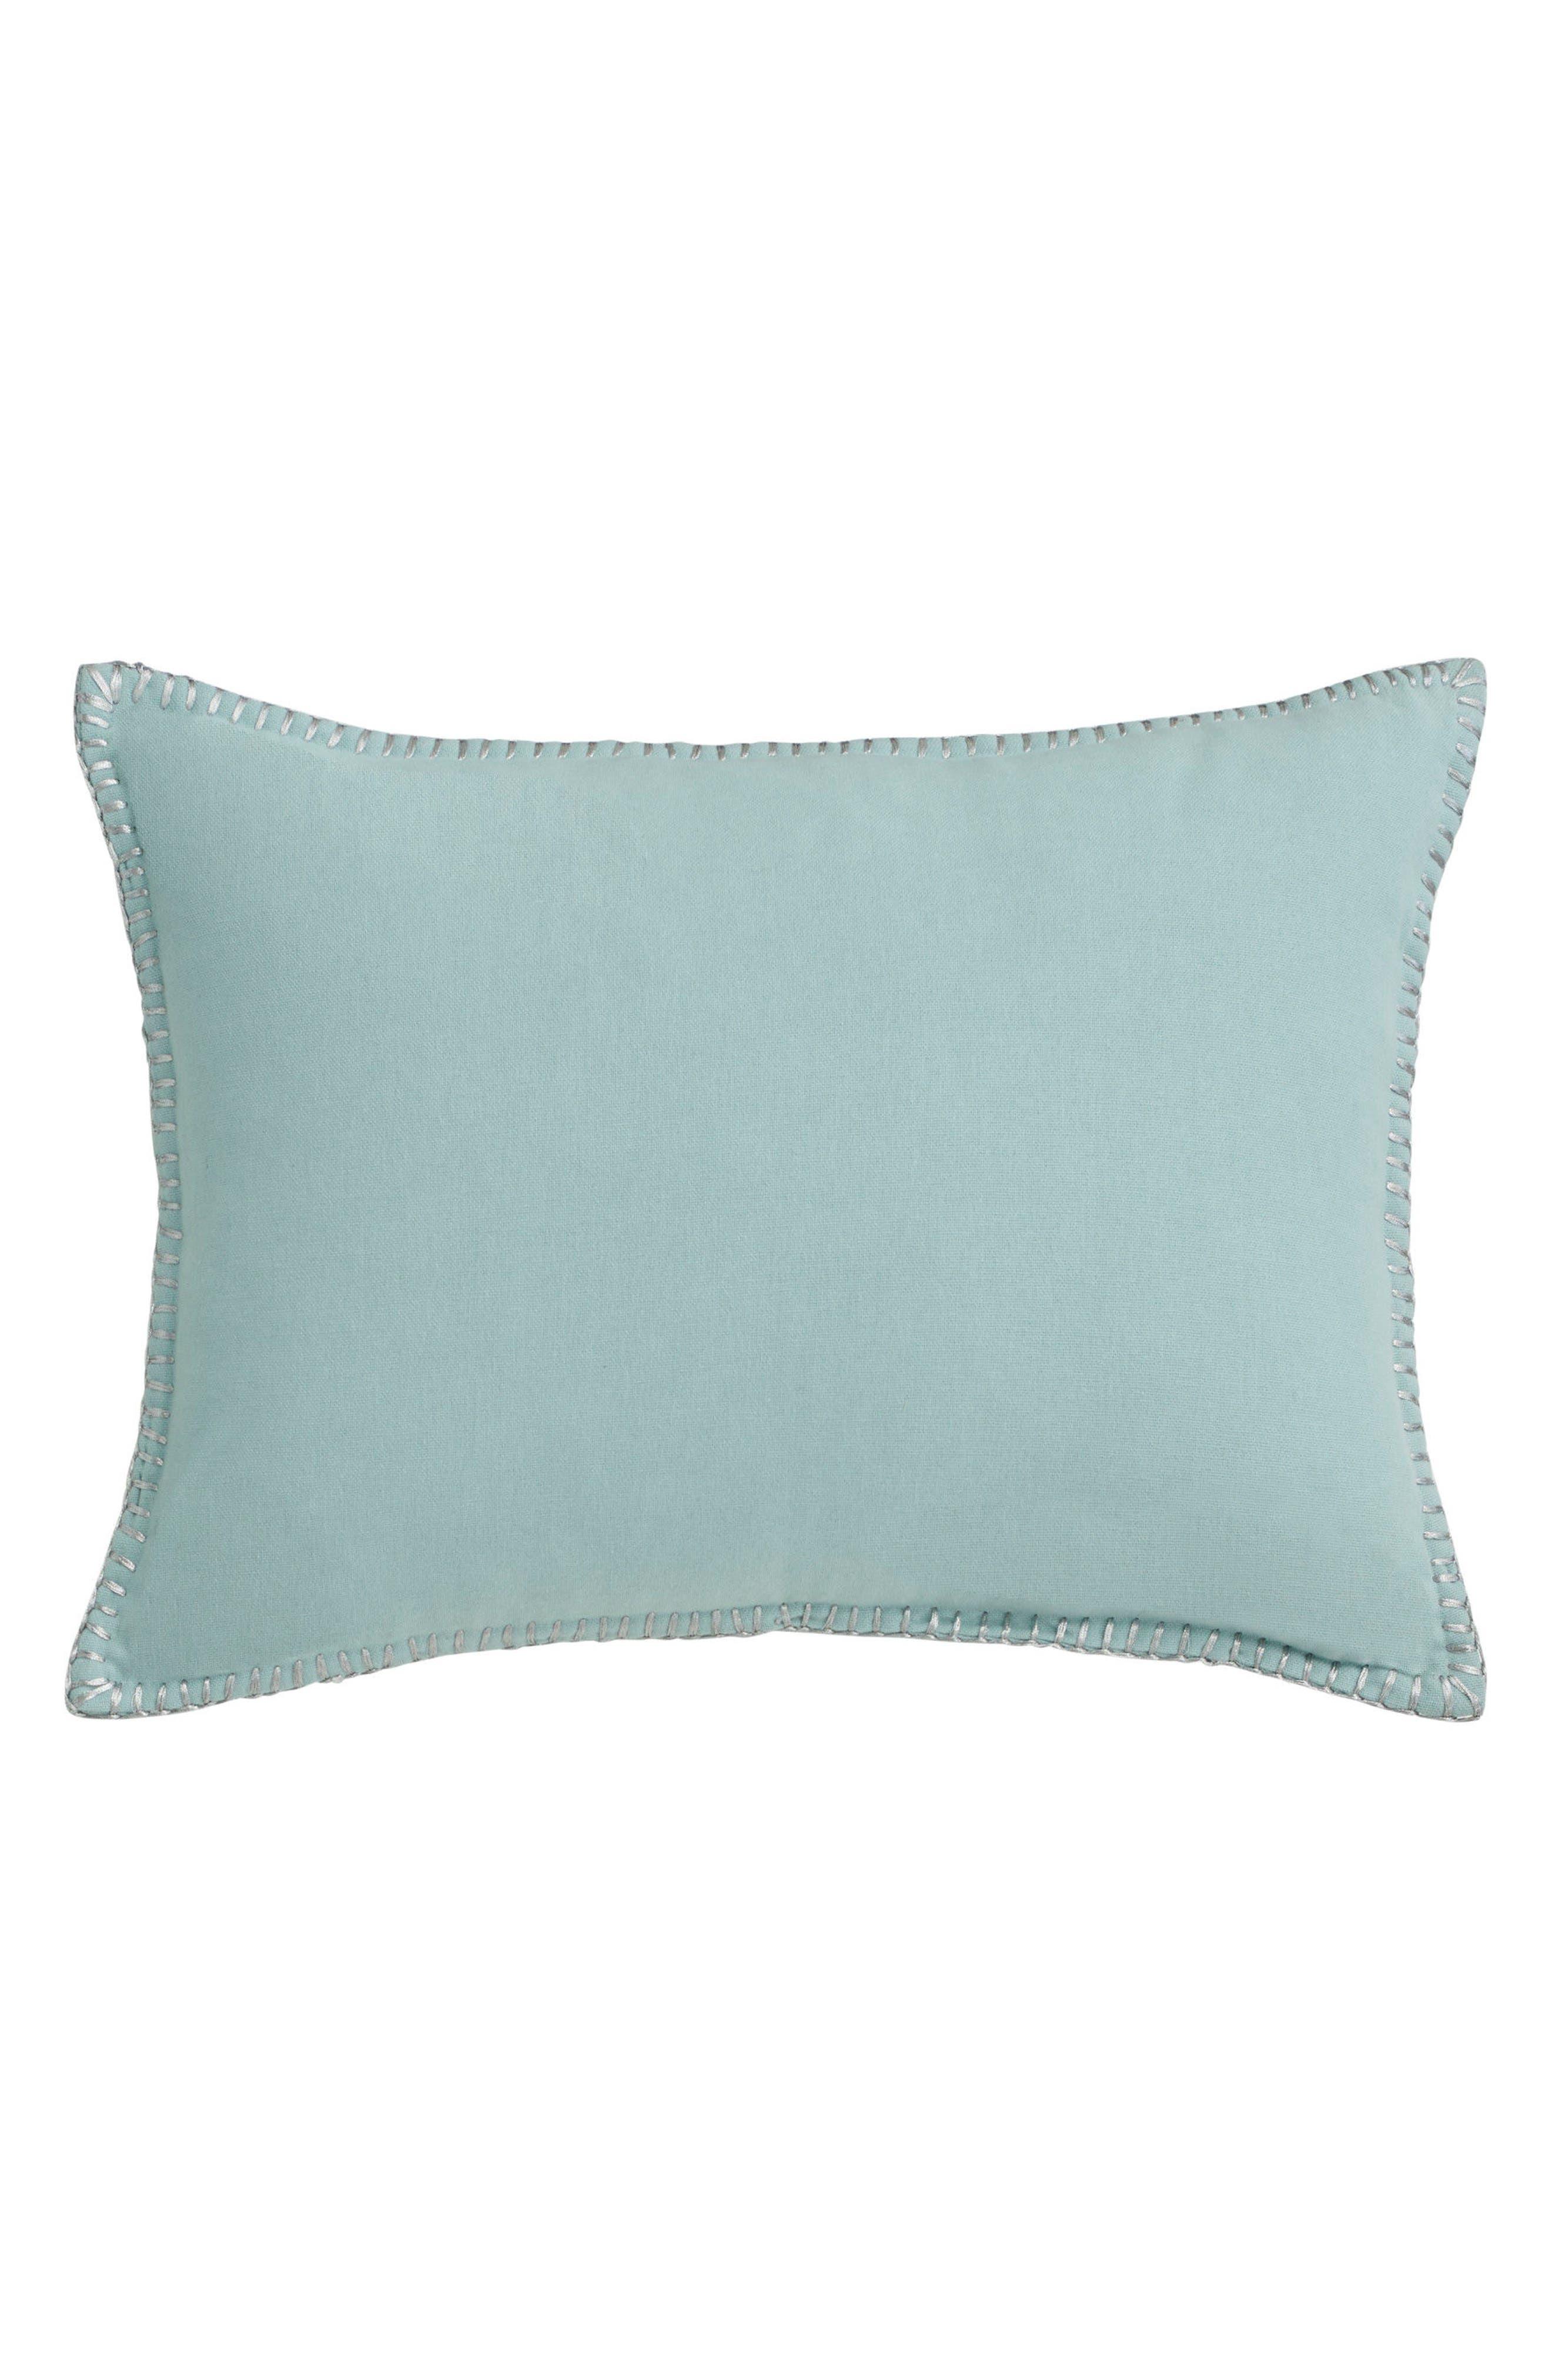 Capri Stripe Accent Pillow,                             Main thumbnail 1, color,                             400